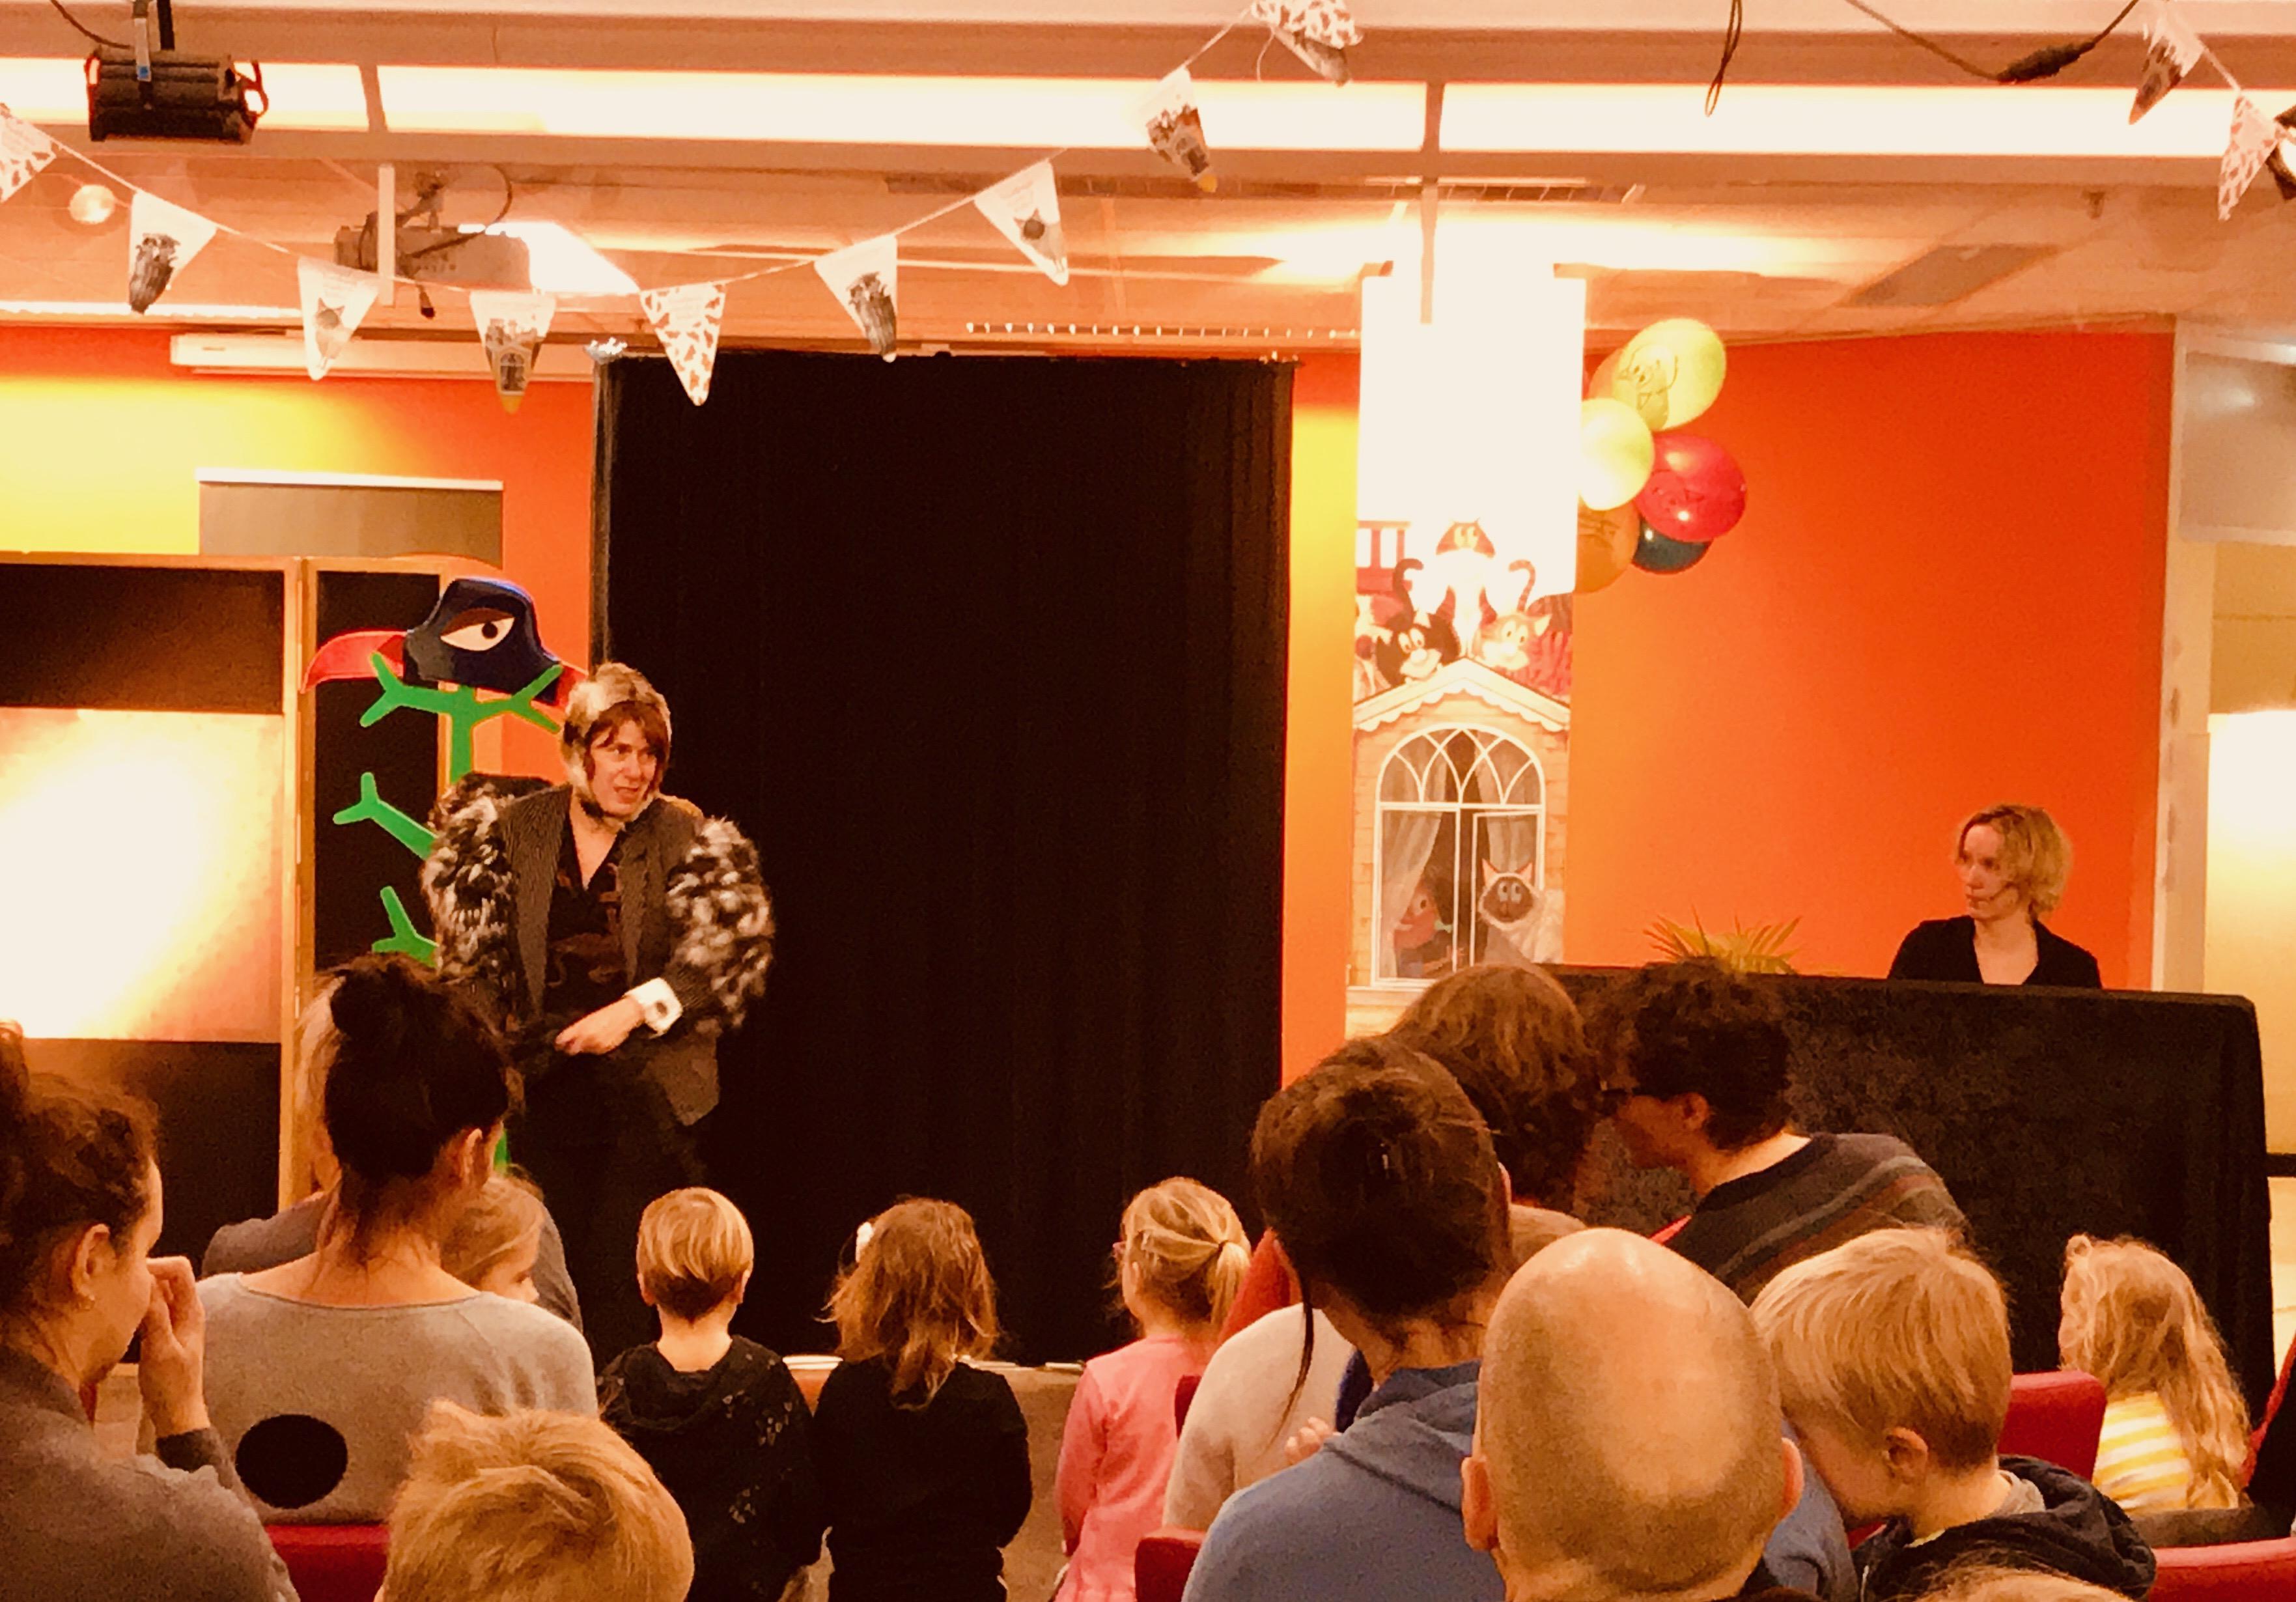 https://ziezus.nl/eigenzinnig-theater/wp-content/uploads/Kindervoorstelling-ZieZus-Bibliotheek-Utrecht-Nationale-Voorleesdagen-EEN-HUIS-VOOR-HARRY-interactief-meespelen-peuters-kleuters-IMG_7098.jpeg